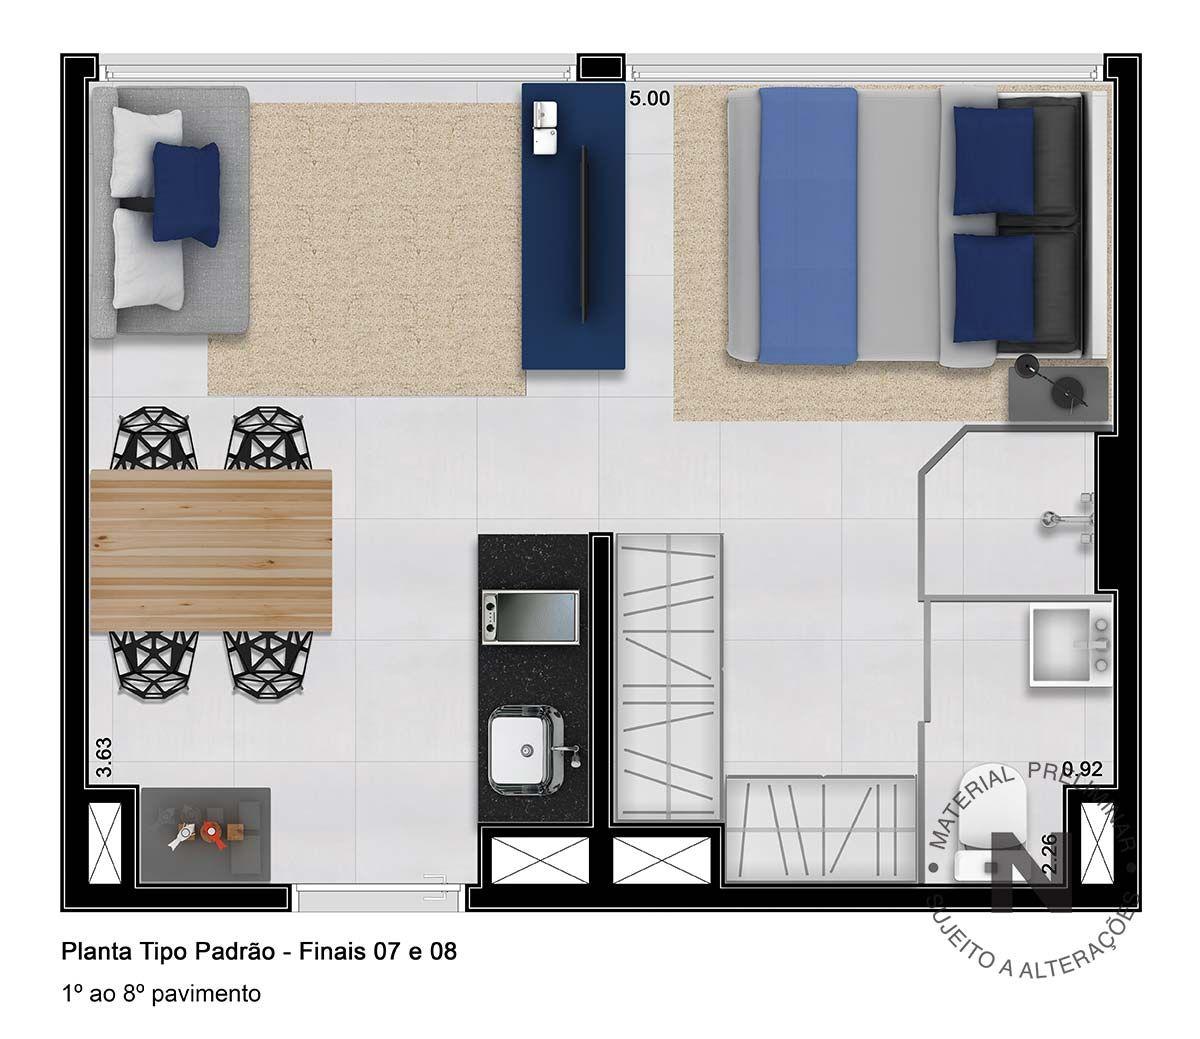 Vitacon nova higien polis room layout dise o casas for Diseno de apartamento rectangular